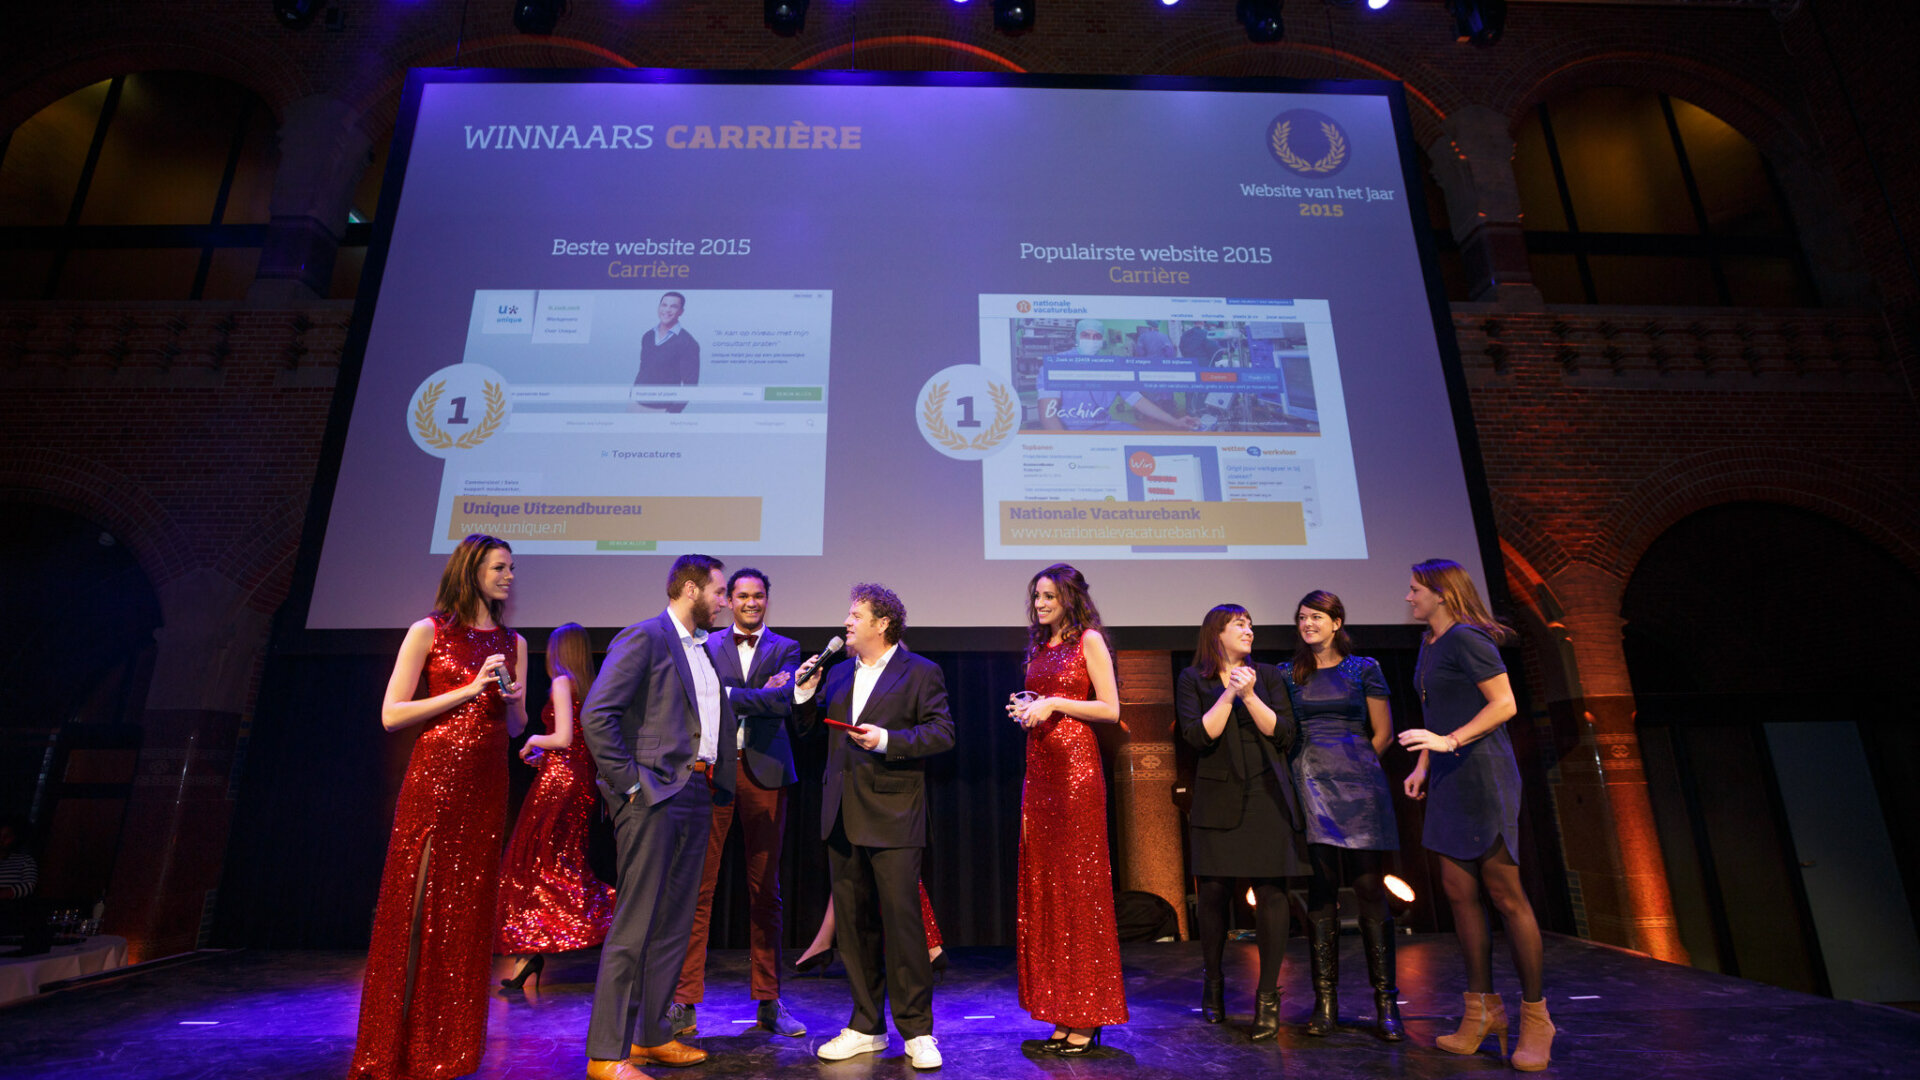 Unique winnaars - website van het jaar